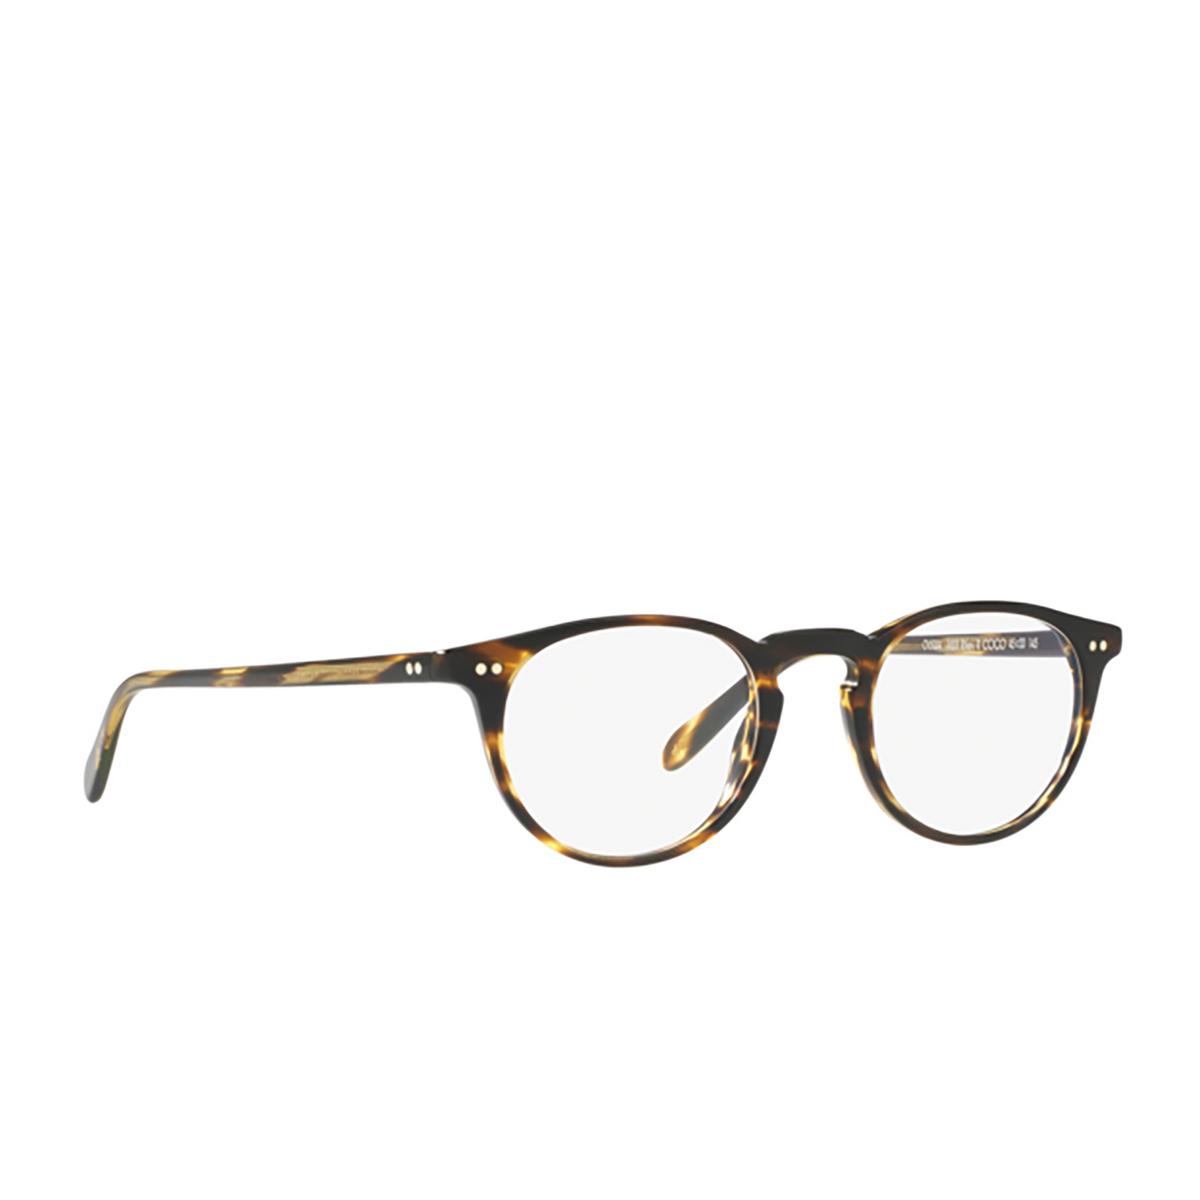 Oliver Peoples® Round Eyeglasses: Riley-r OV5004 color Cocobolo (coco) 1003.